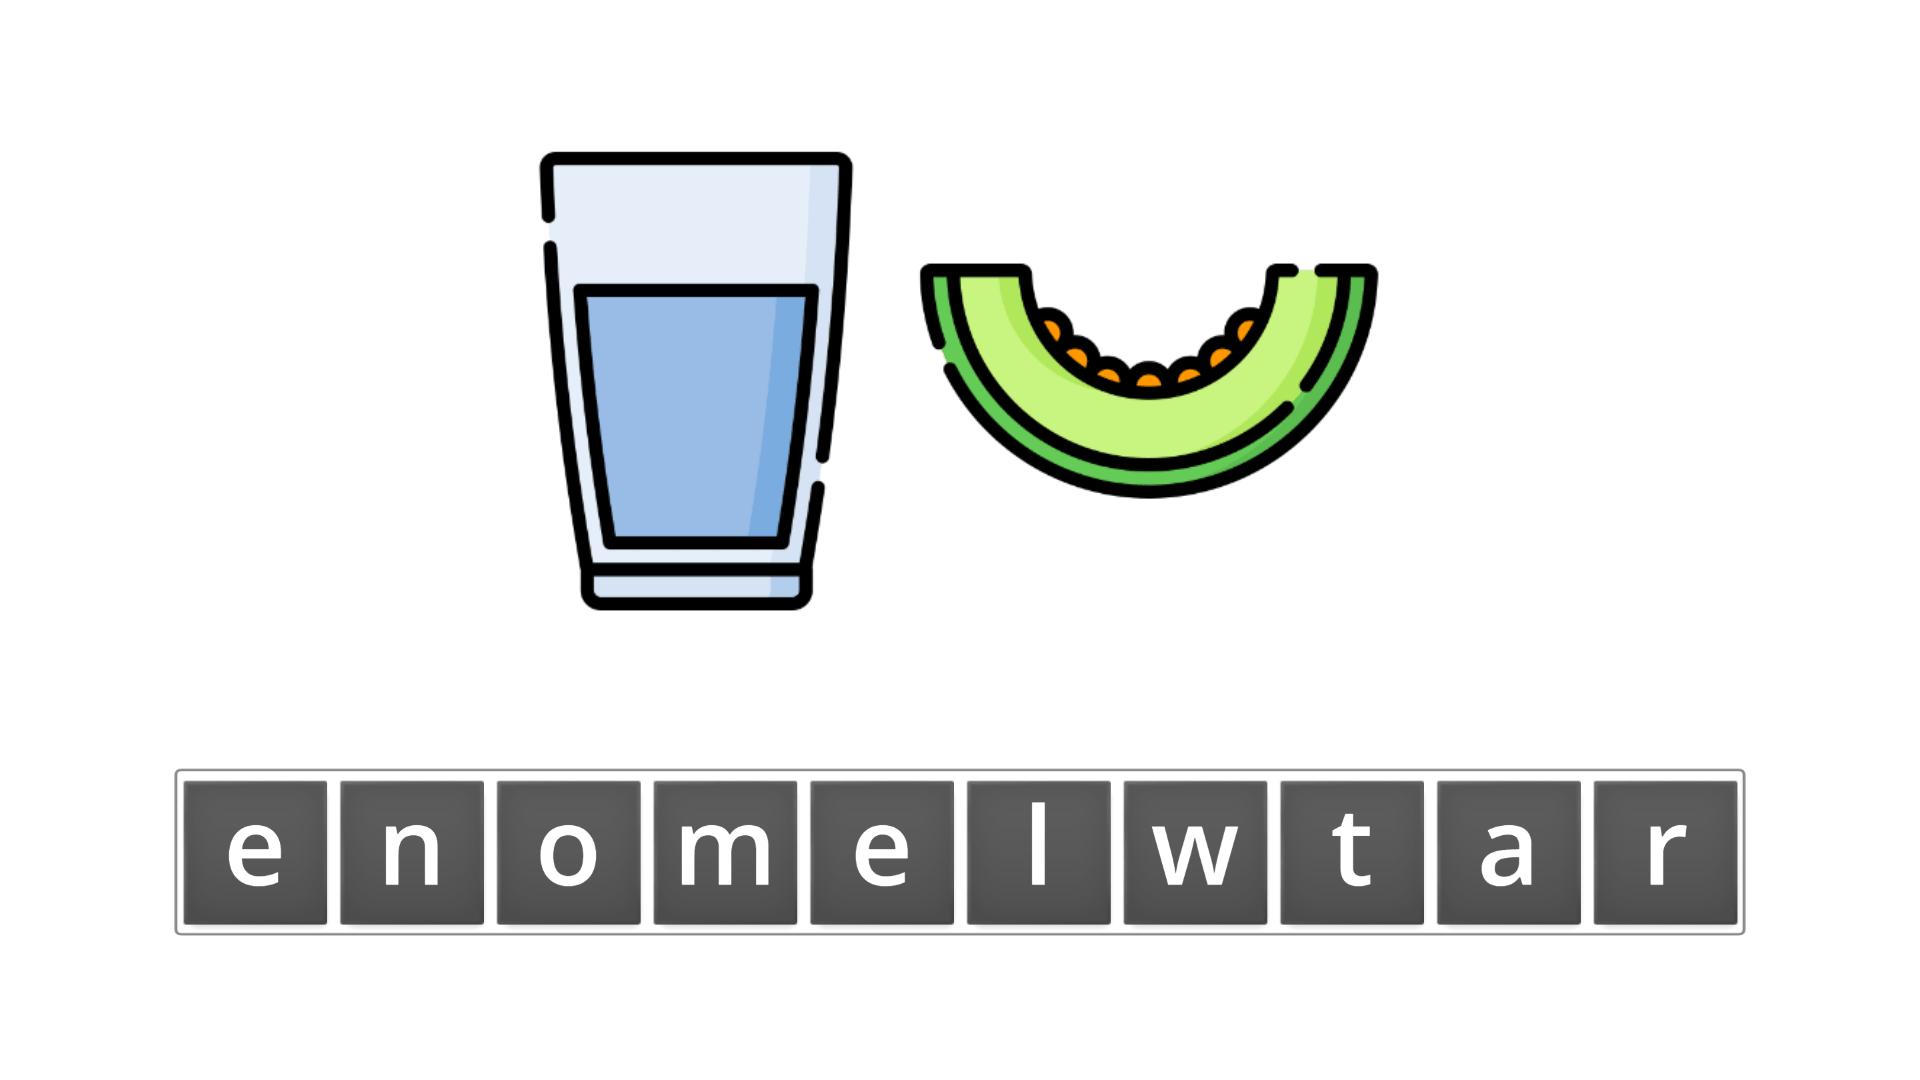 esl resources - flashcards - compound nouns  - unscramble - watermelon